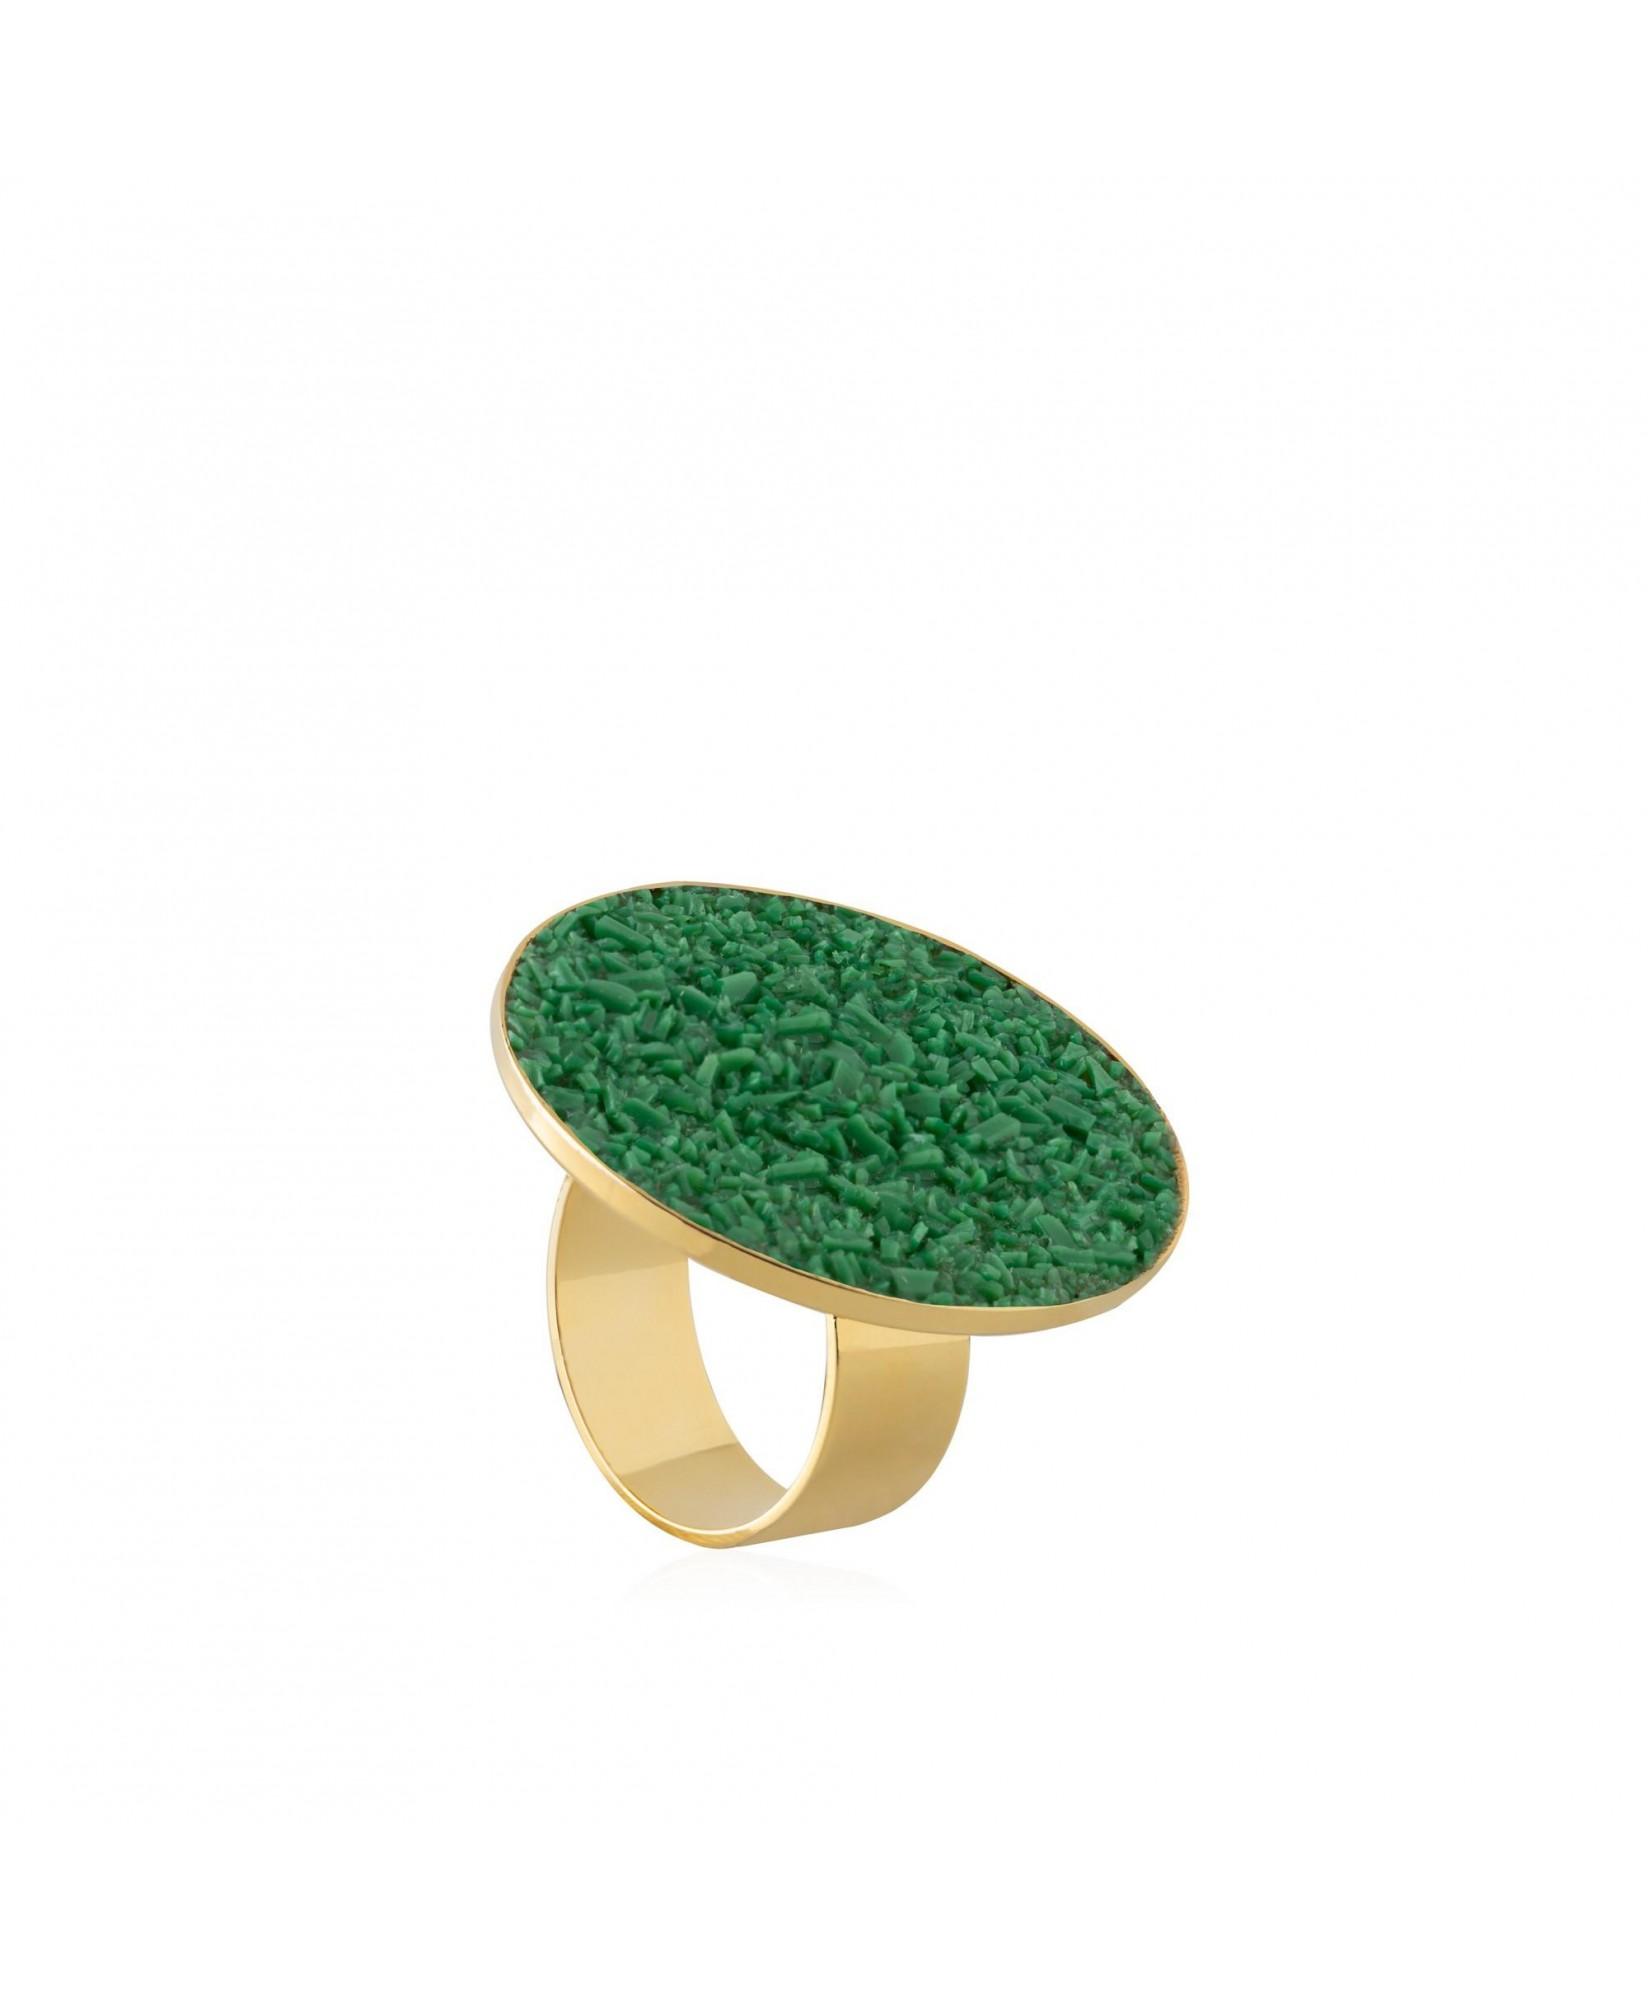 Anillo oro Demeter con nácar verde Anillo oro Demeter con nácar verde